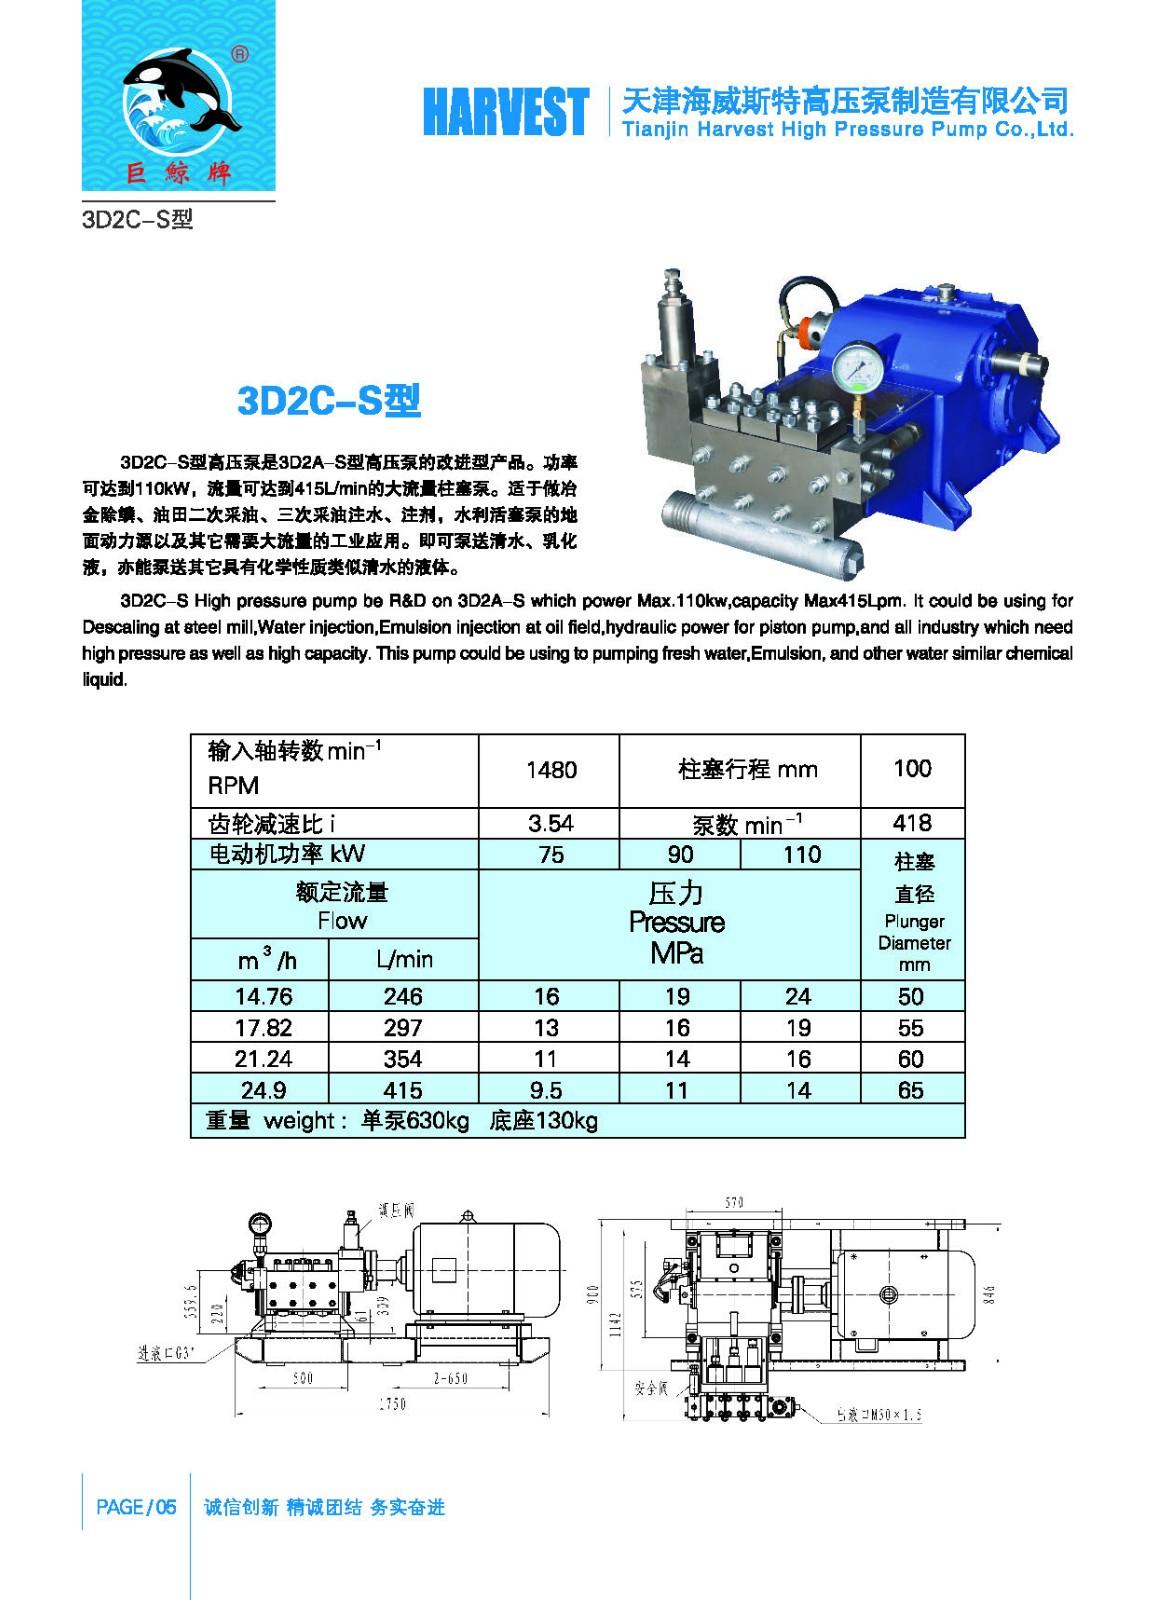 3D2C-S参数表.jpg